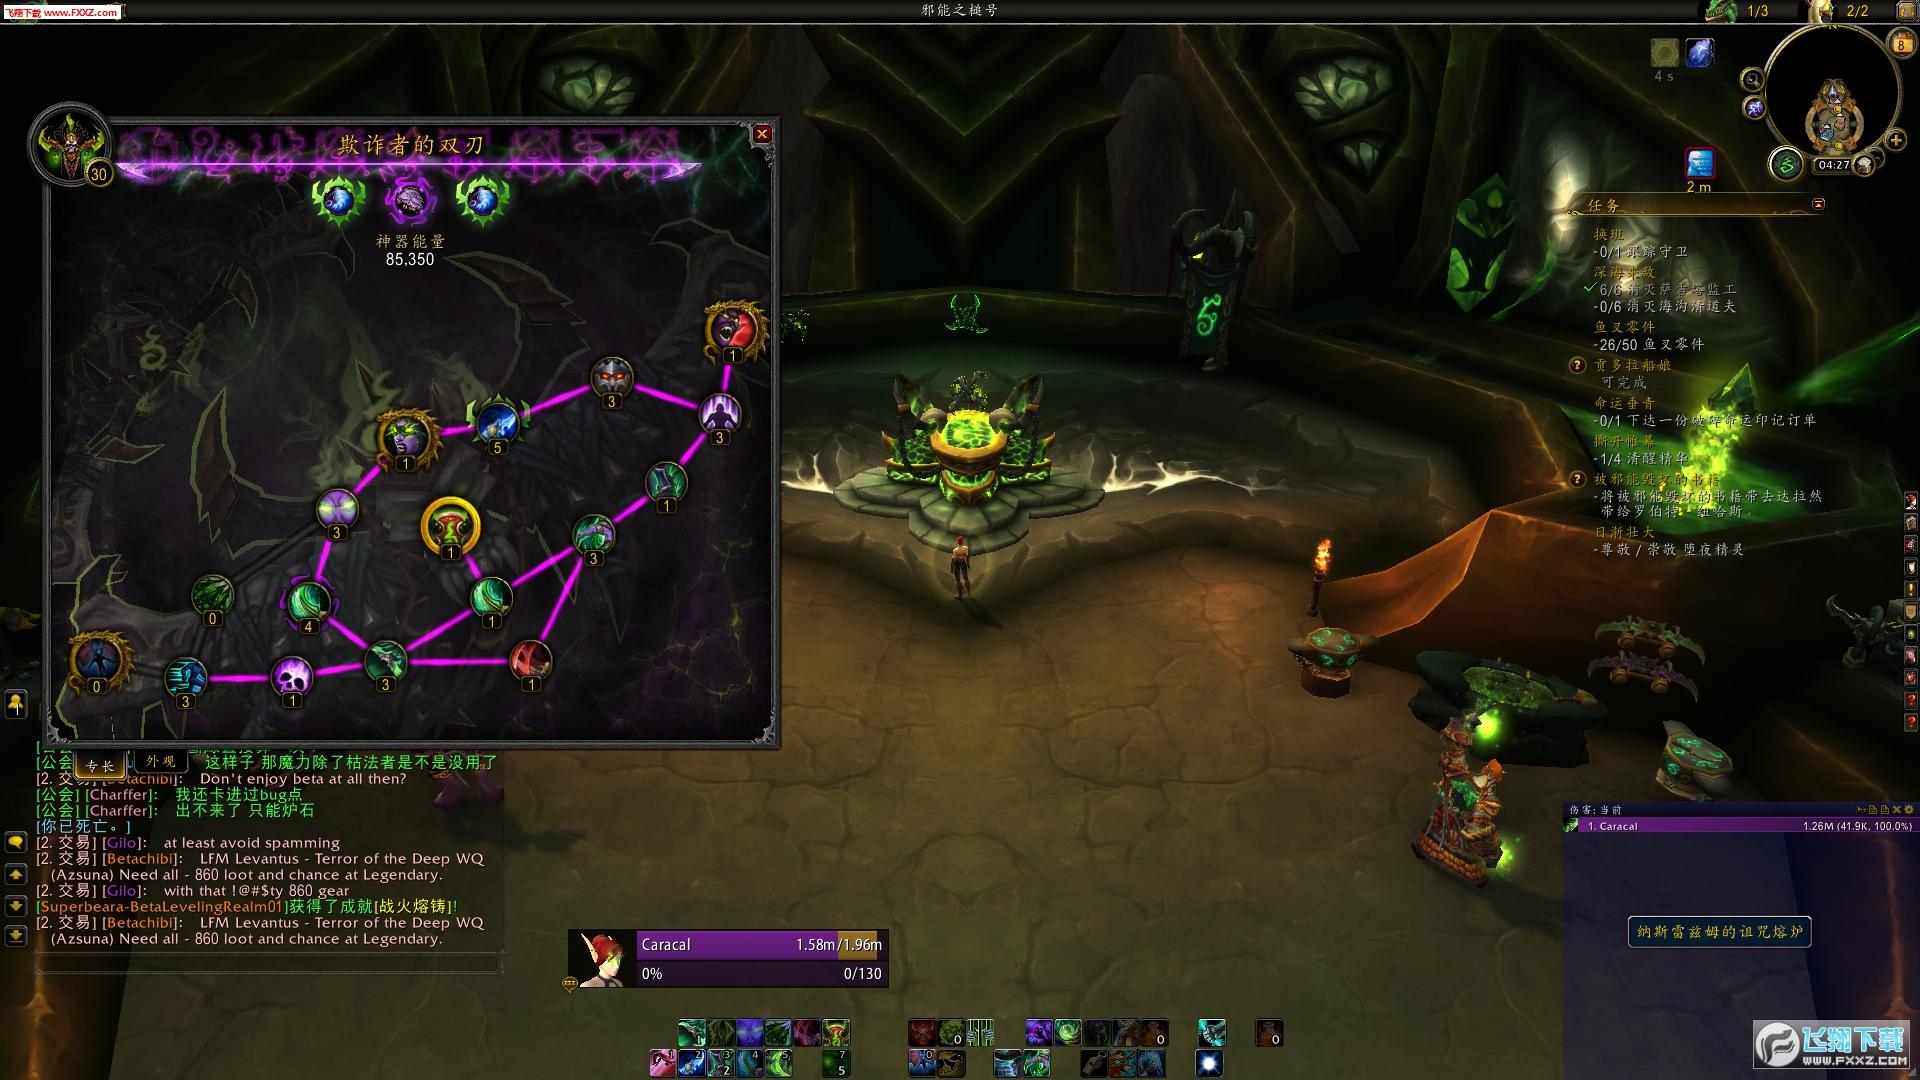 魔兽世界7.0恶魔猎手dh职业大厅详细介绍